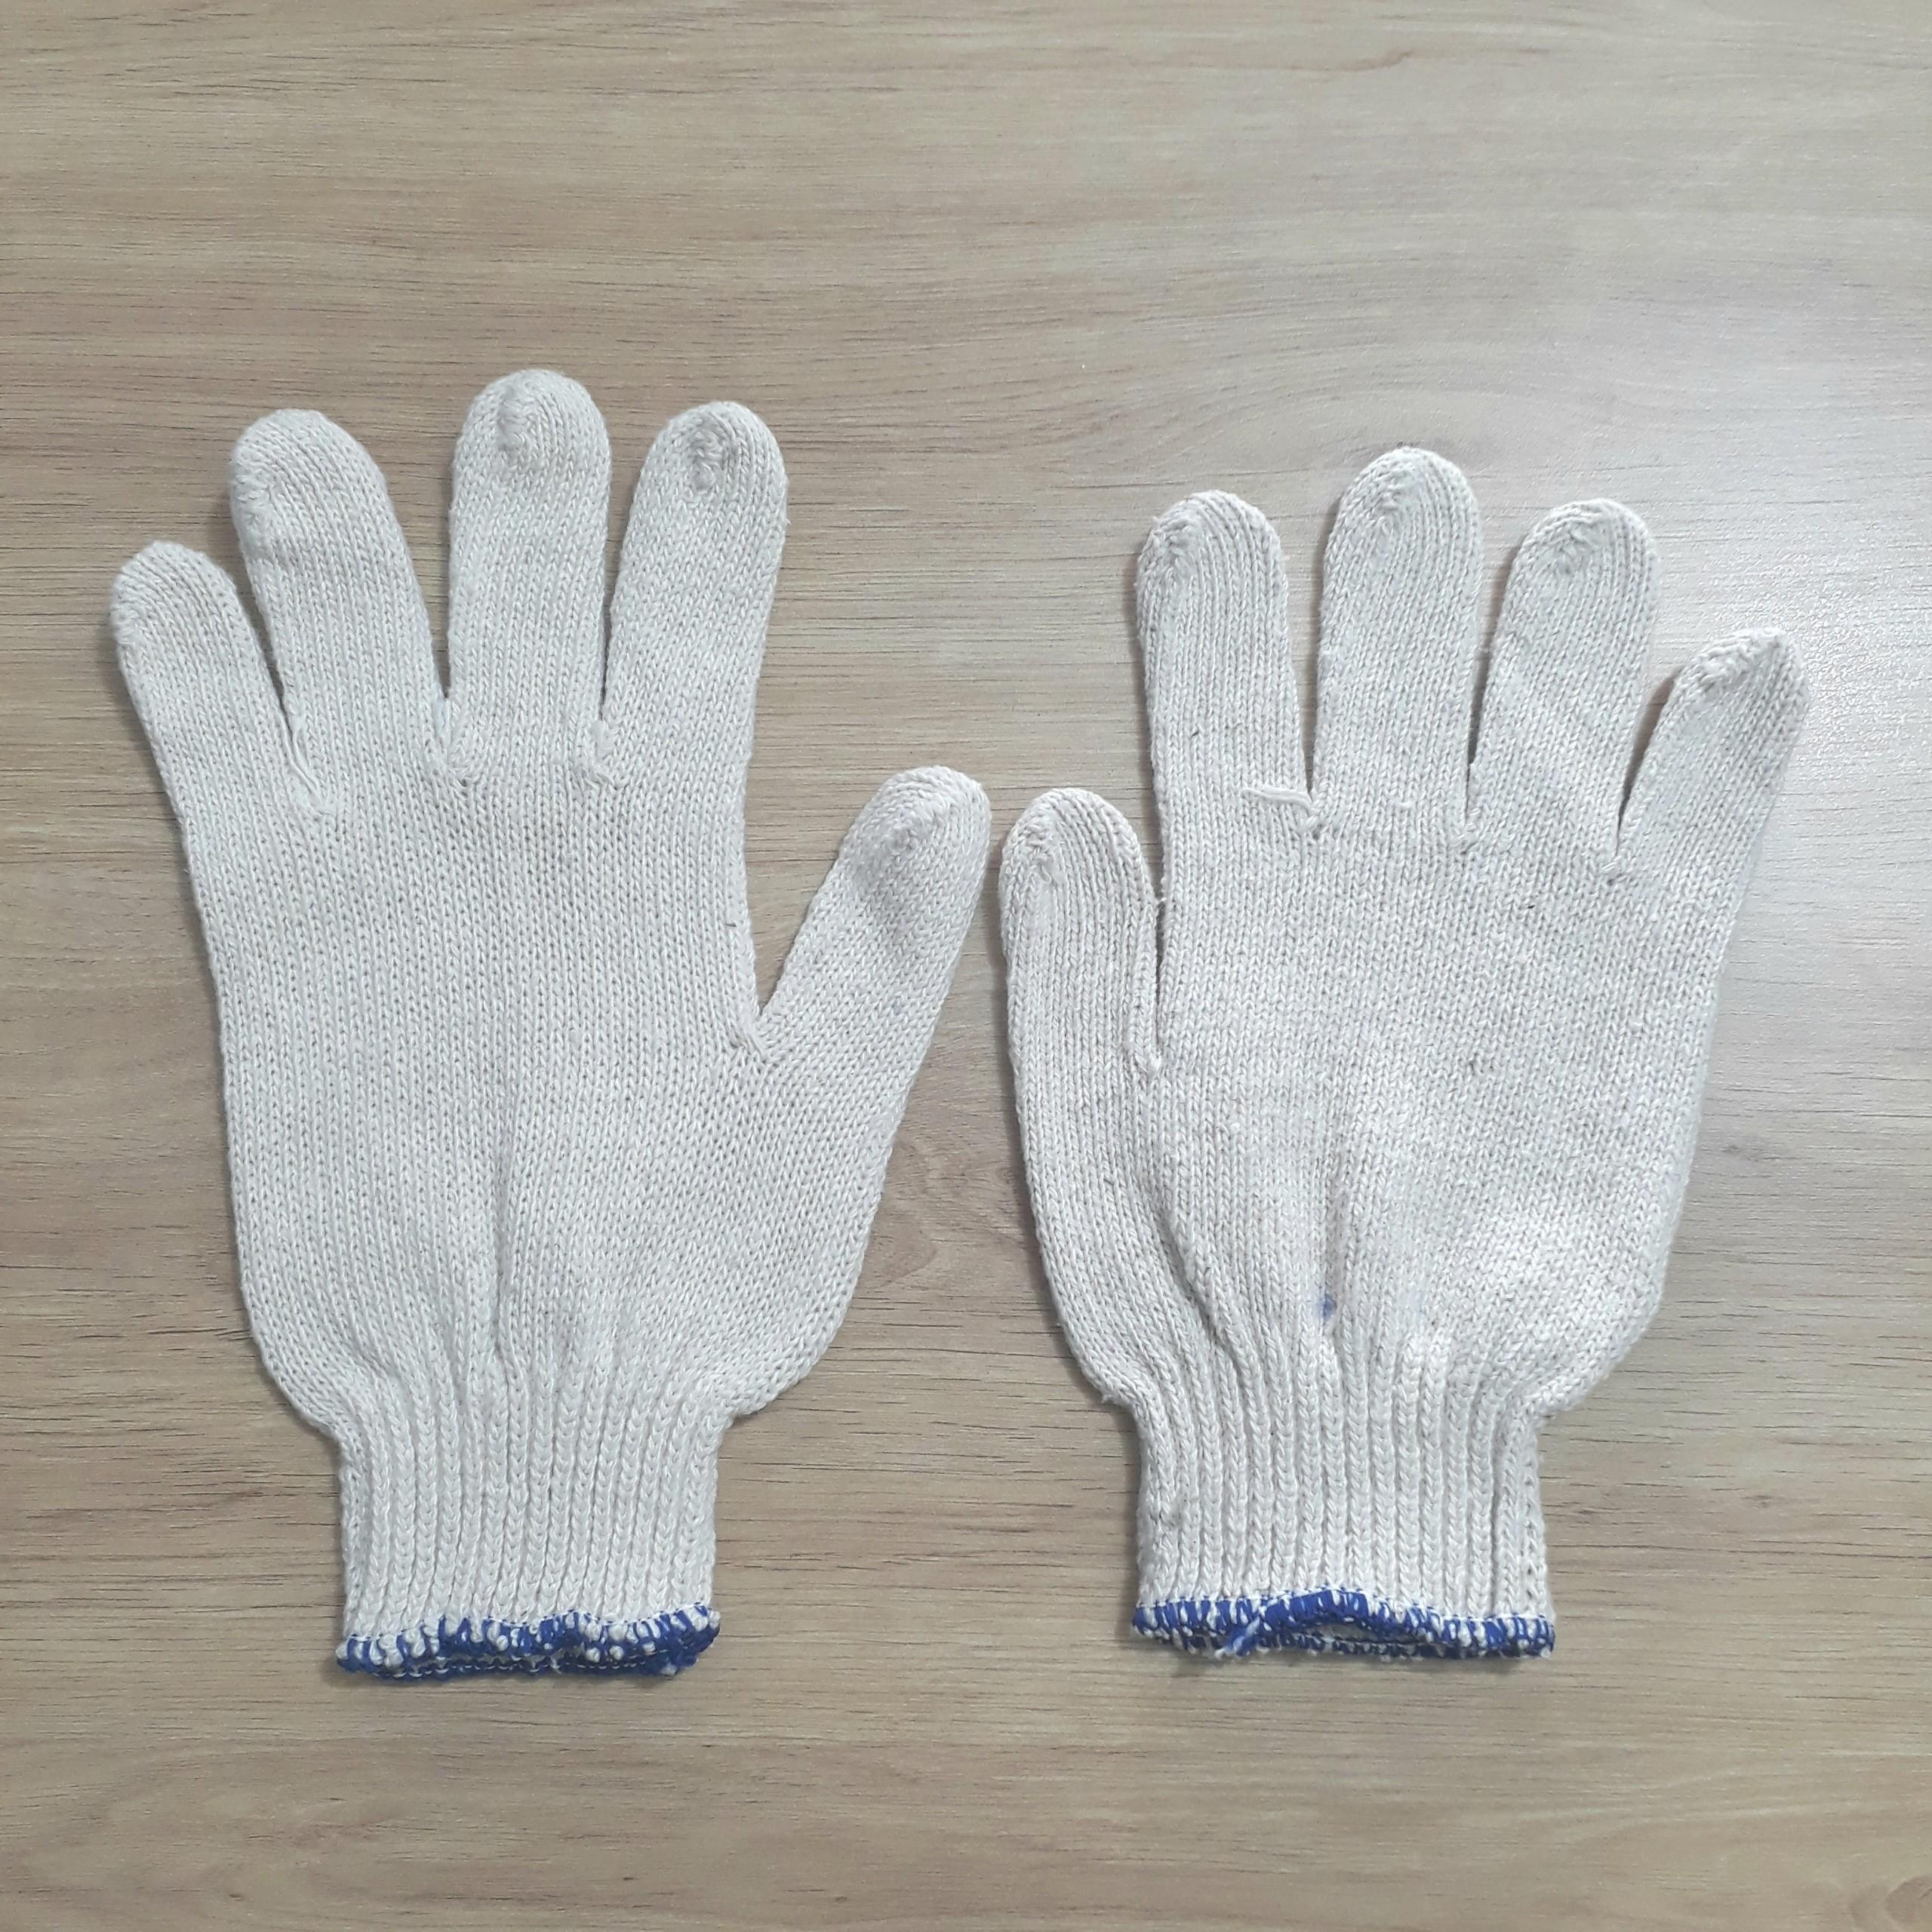 Găng tay ngà phủ hạt cam 60g  VietNam   Giá rẻ nhất - Công Ty TNHH Thương Mại Dịch Vụ Đạt Tâm